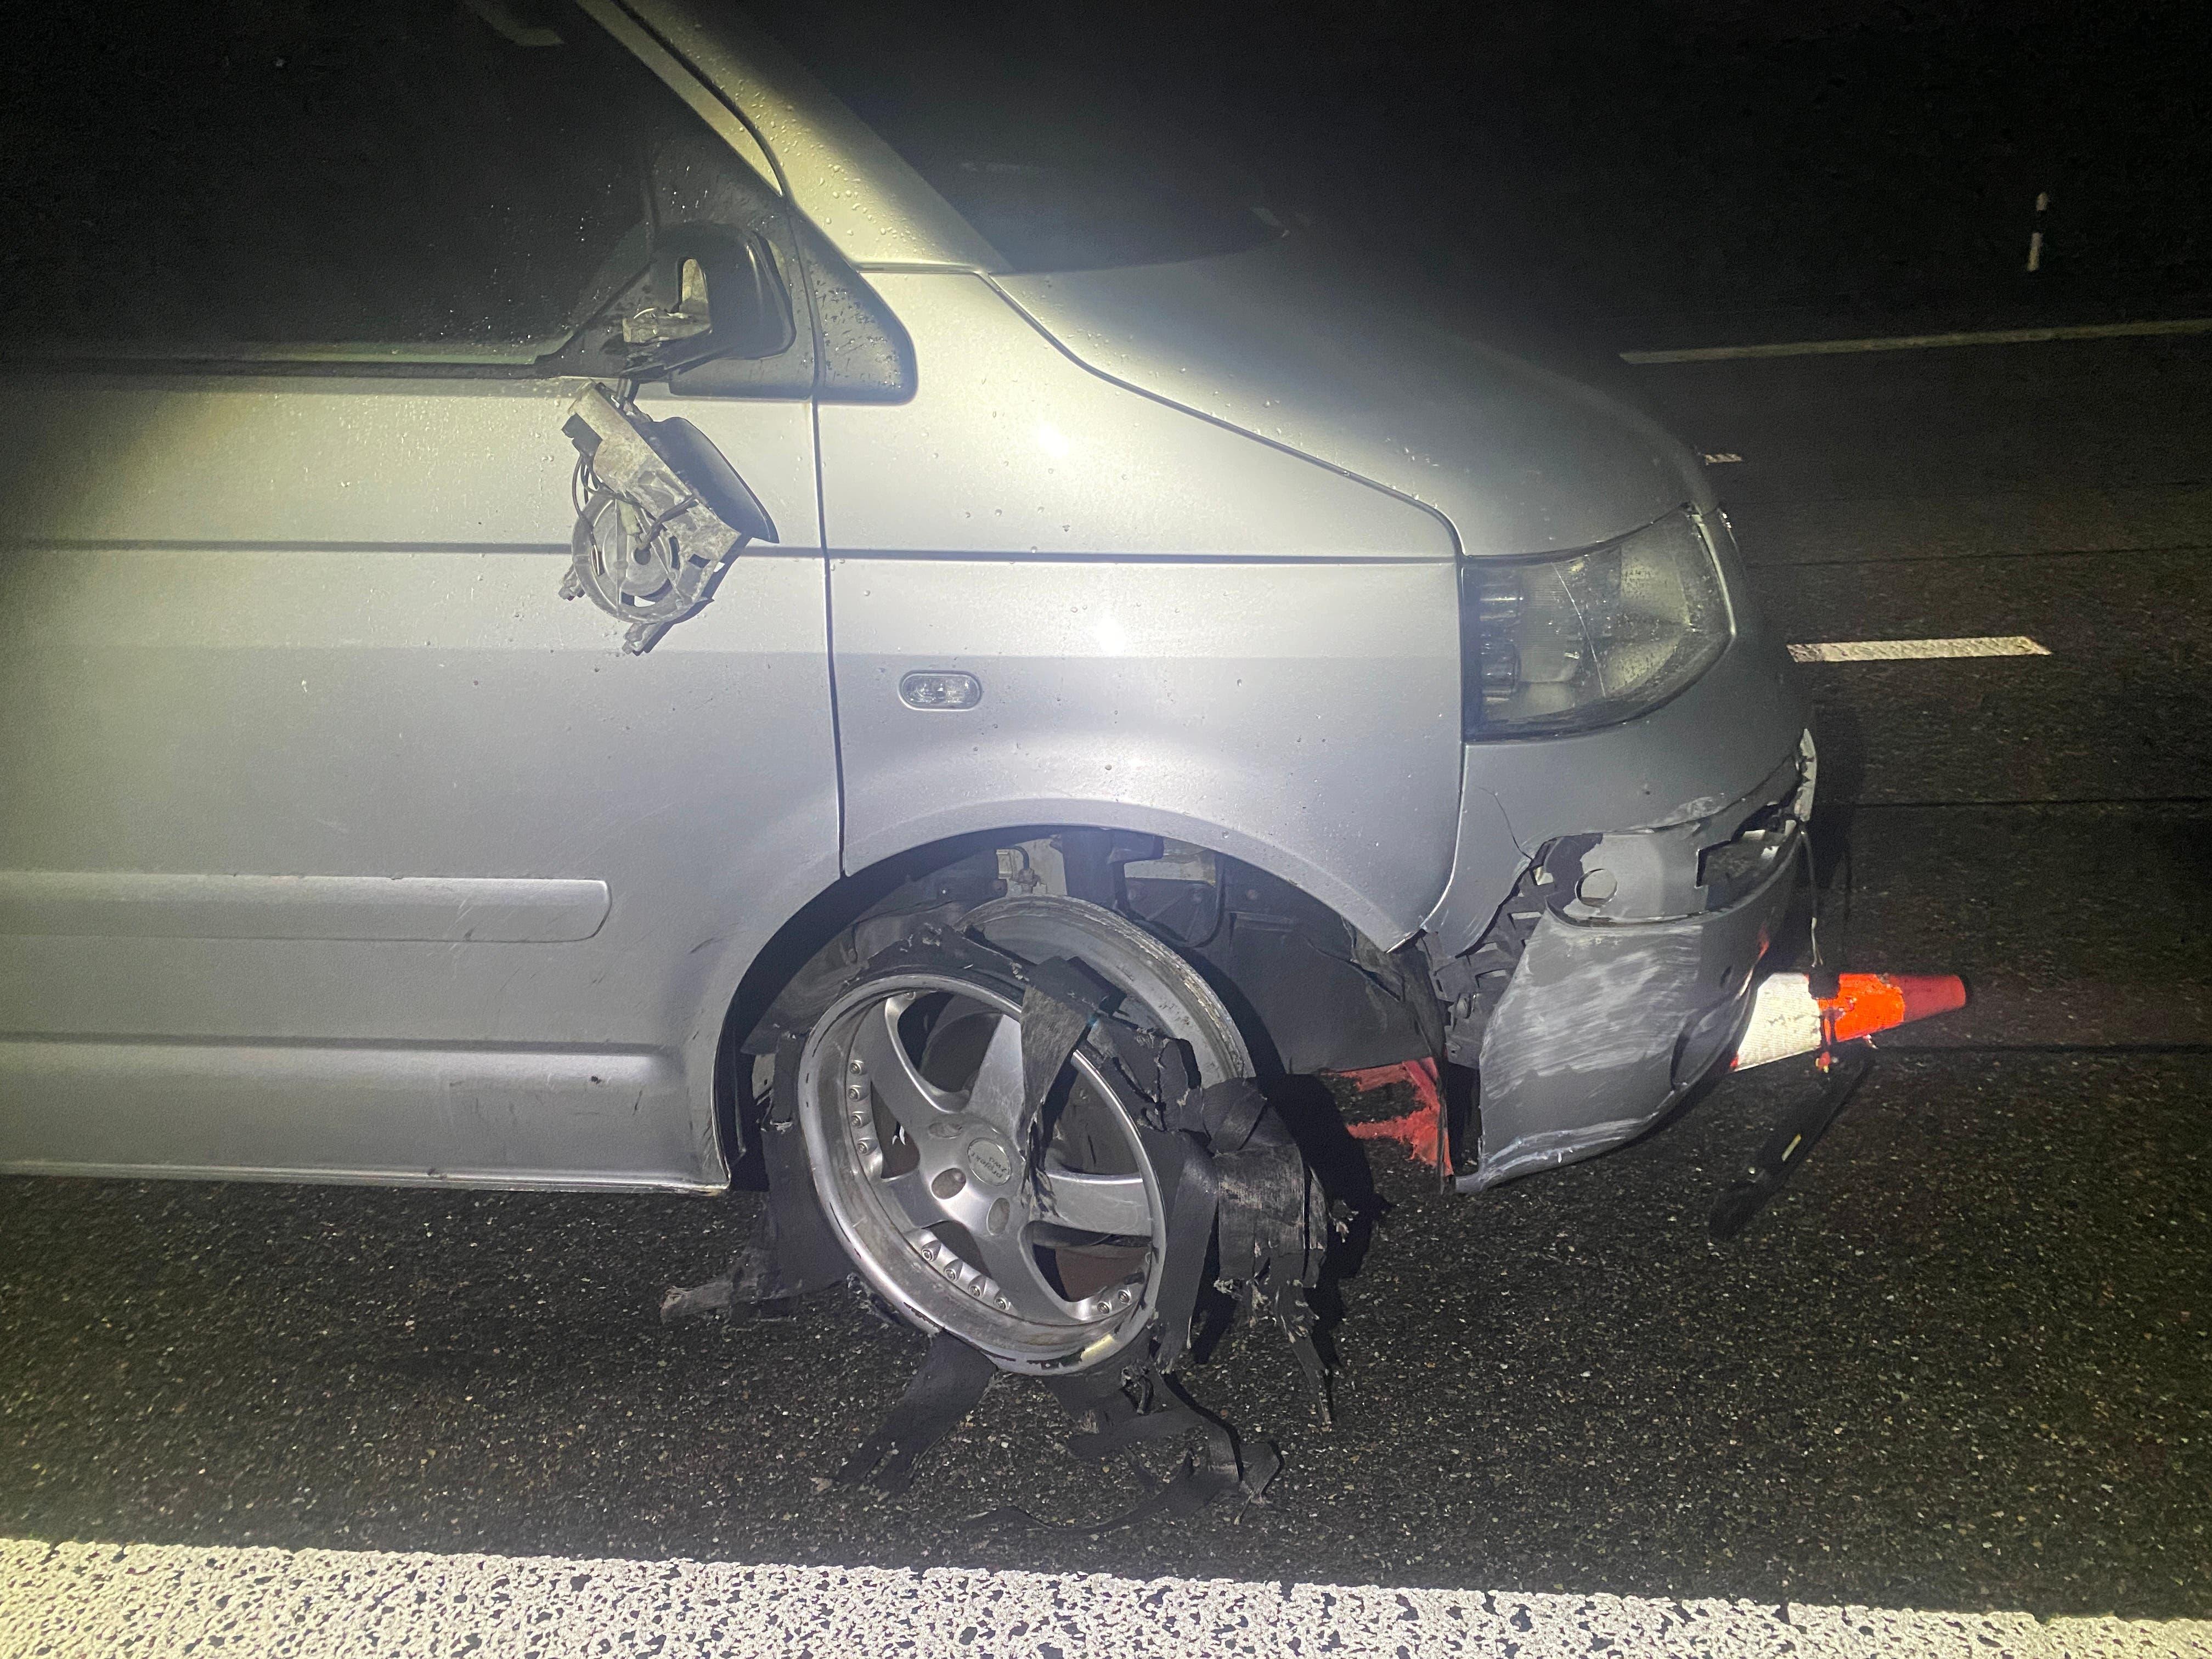 29. April, Autobahn A1,Suhr: Ein alkoholisierter Automobilist verursacht einen Selbstunfall. Ohne sich um den Schaden zu kümmern, fuhr er unbeirrt weiter.